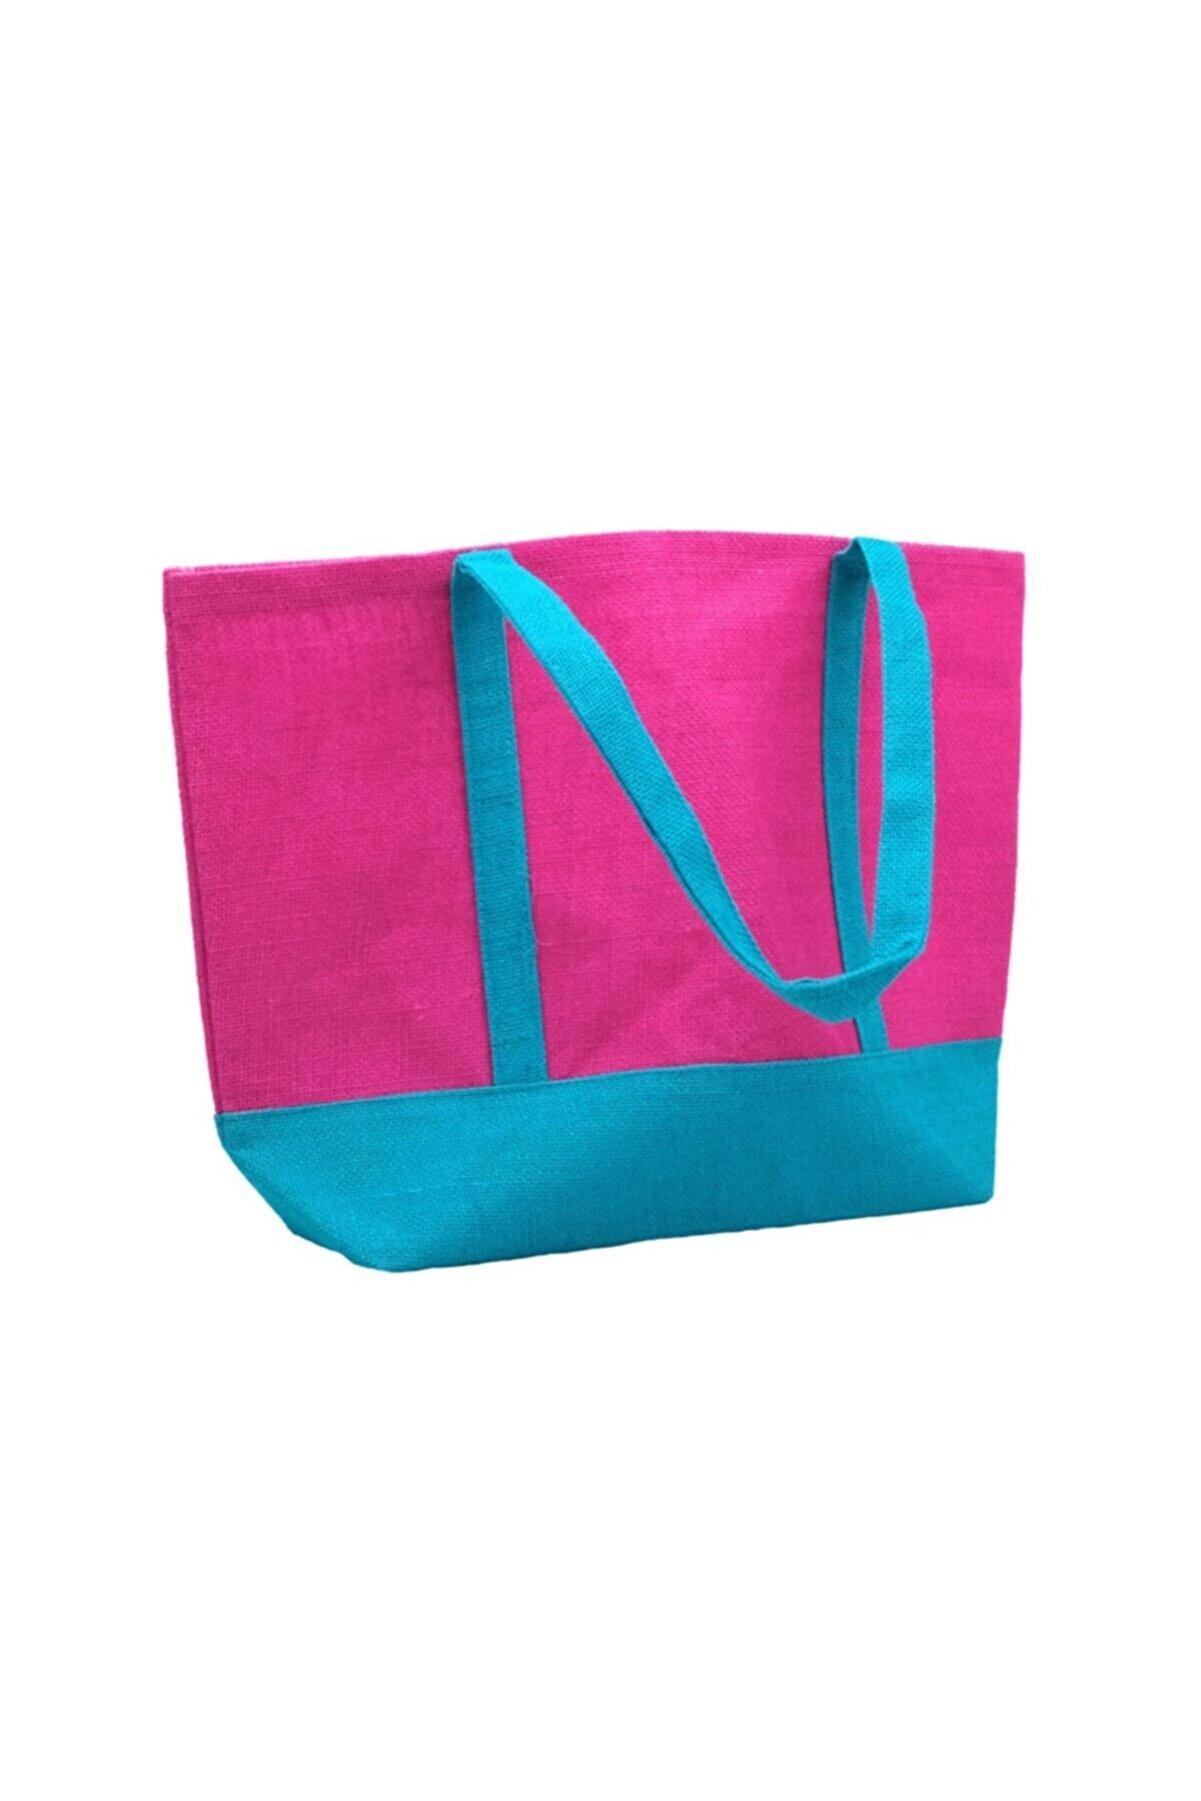 JUTBURADA Jüt Çanta Çok Amaçlı Kullanımlar Için (Plaj, Alışveriş, Günlük Kullanım)